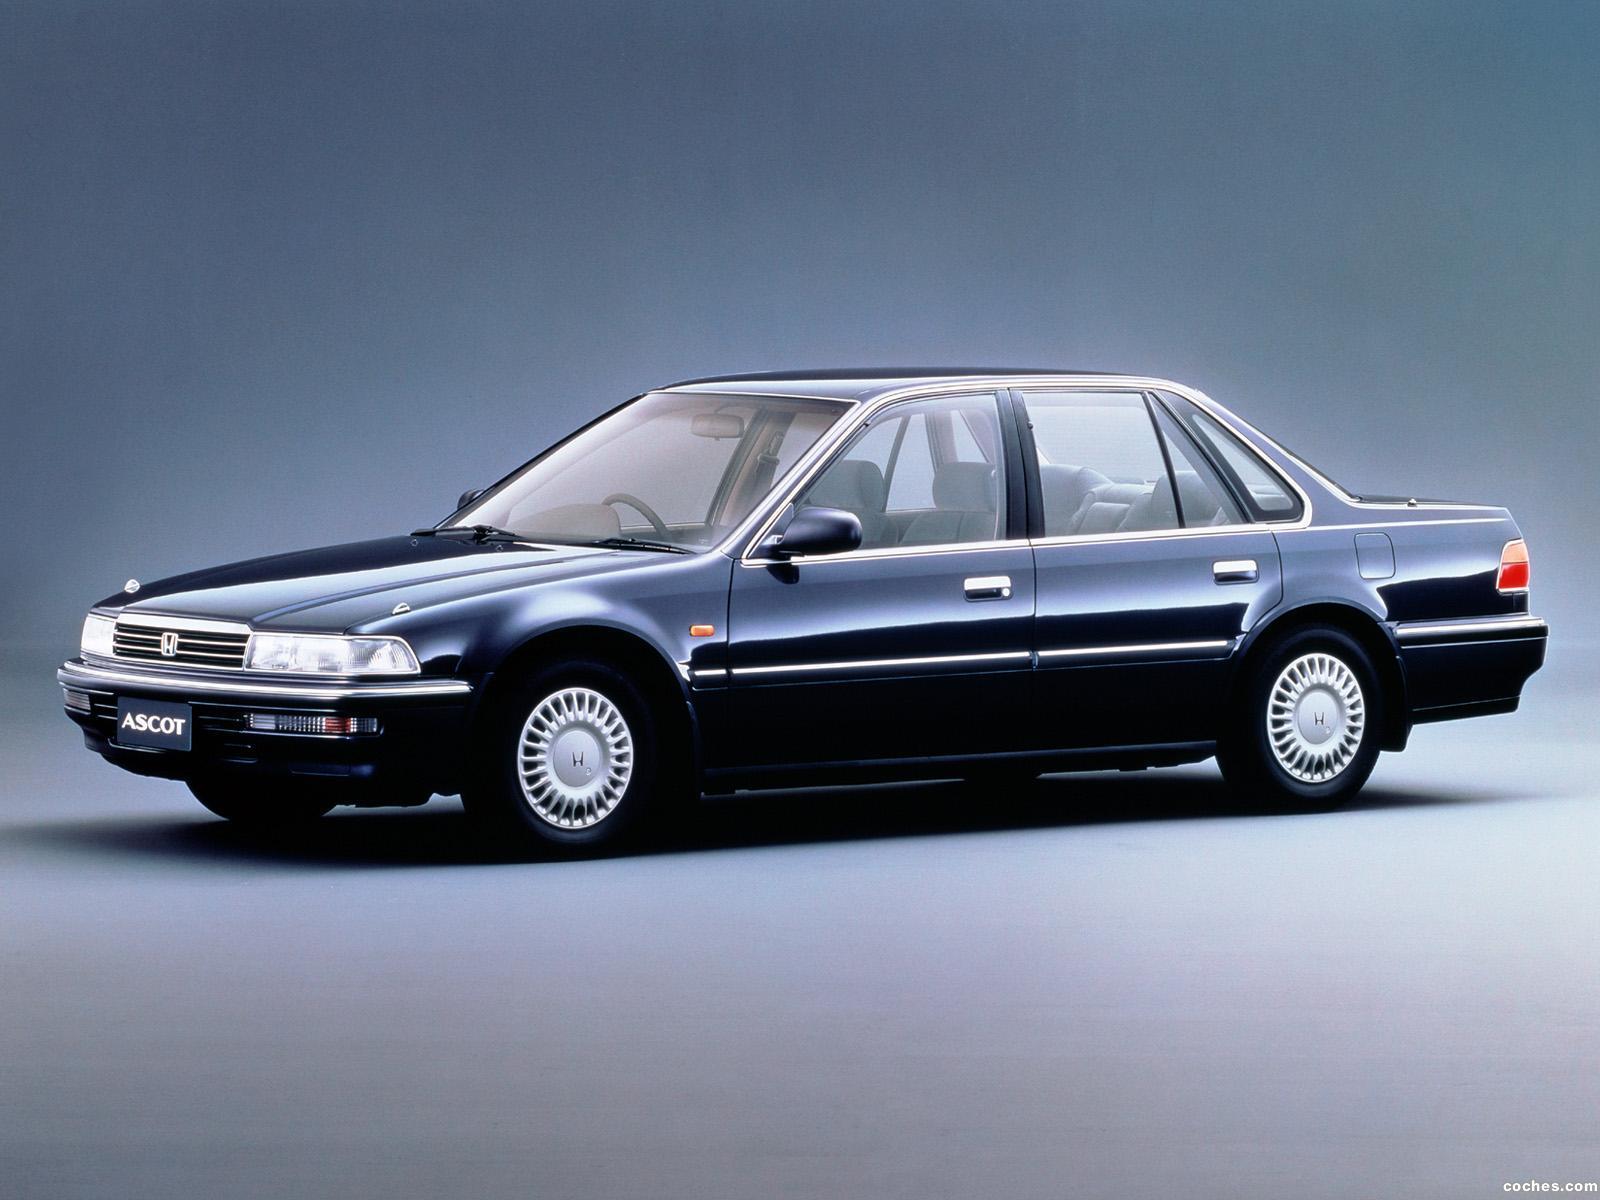 Foto 0 de Honda Ascot CB 1989